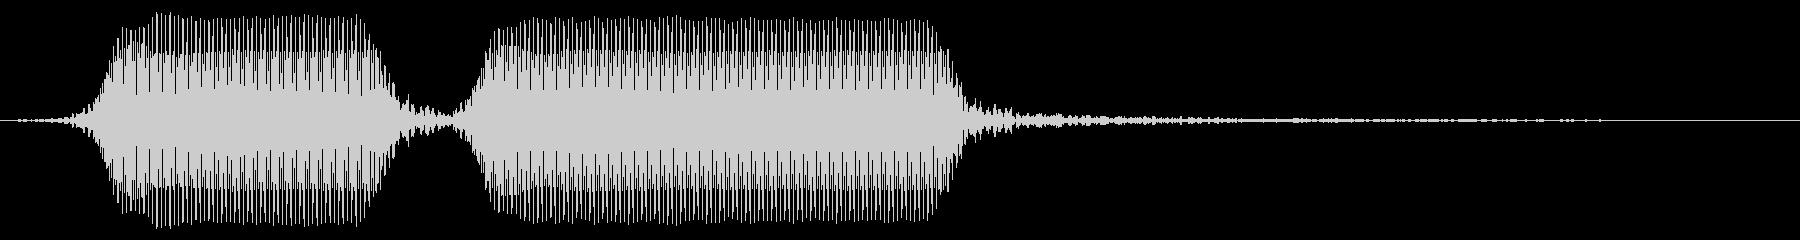 ラージエアホーン:ツーブラストホー...の未再生の波形